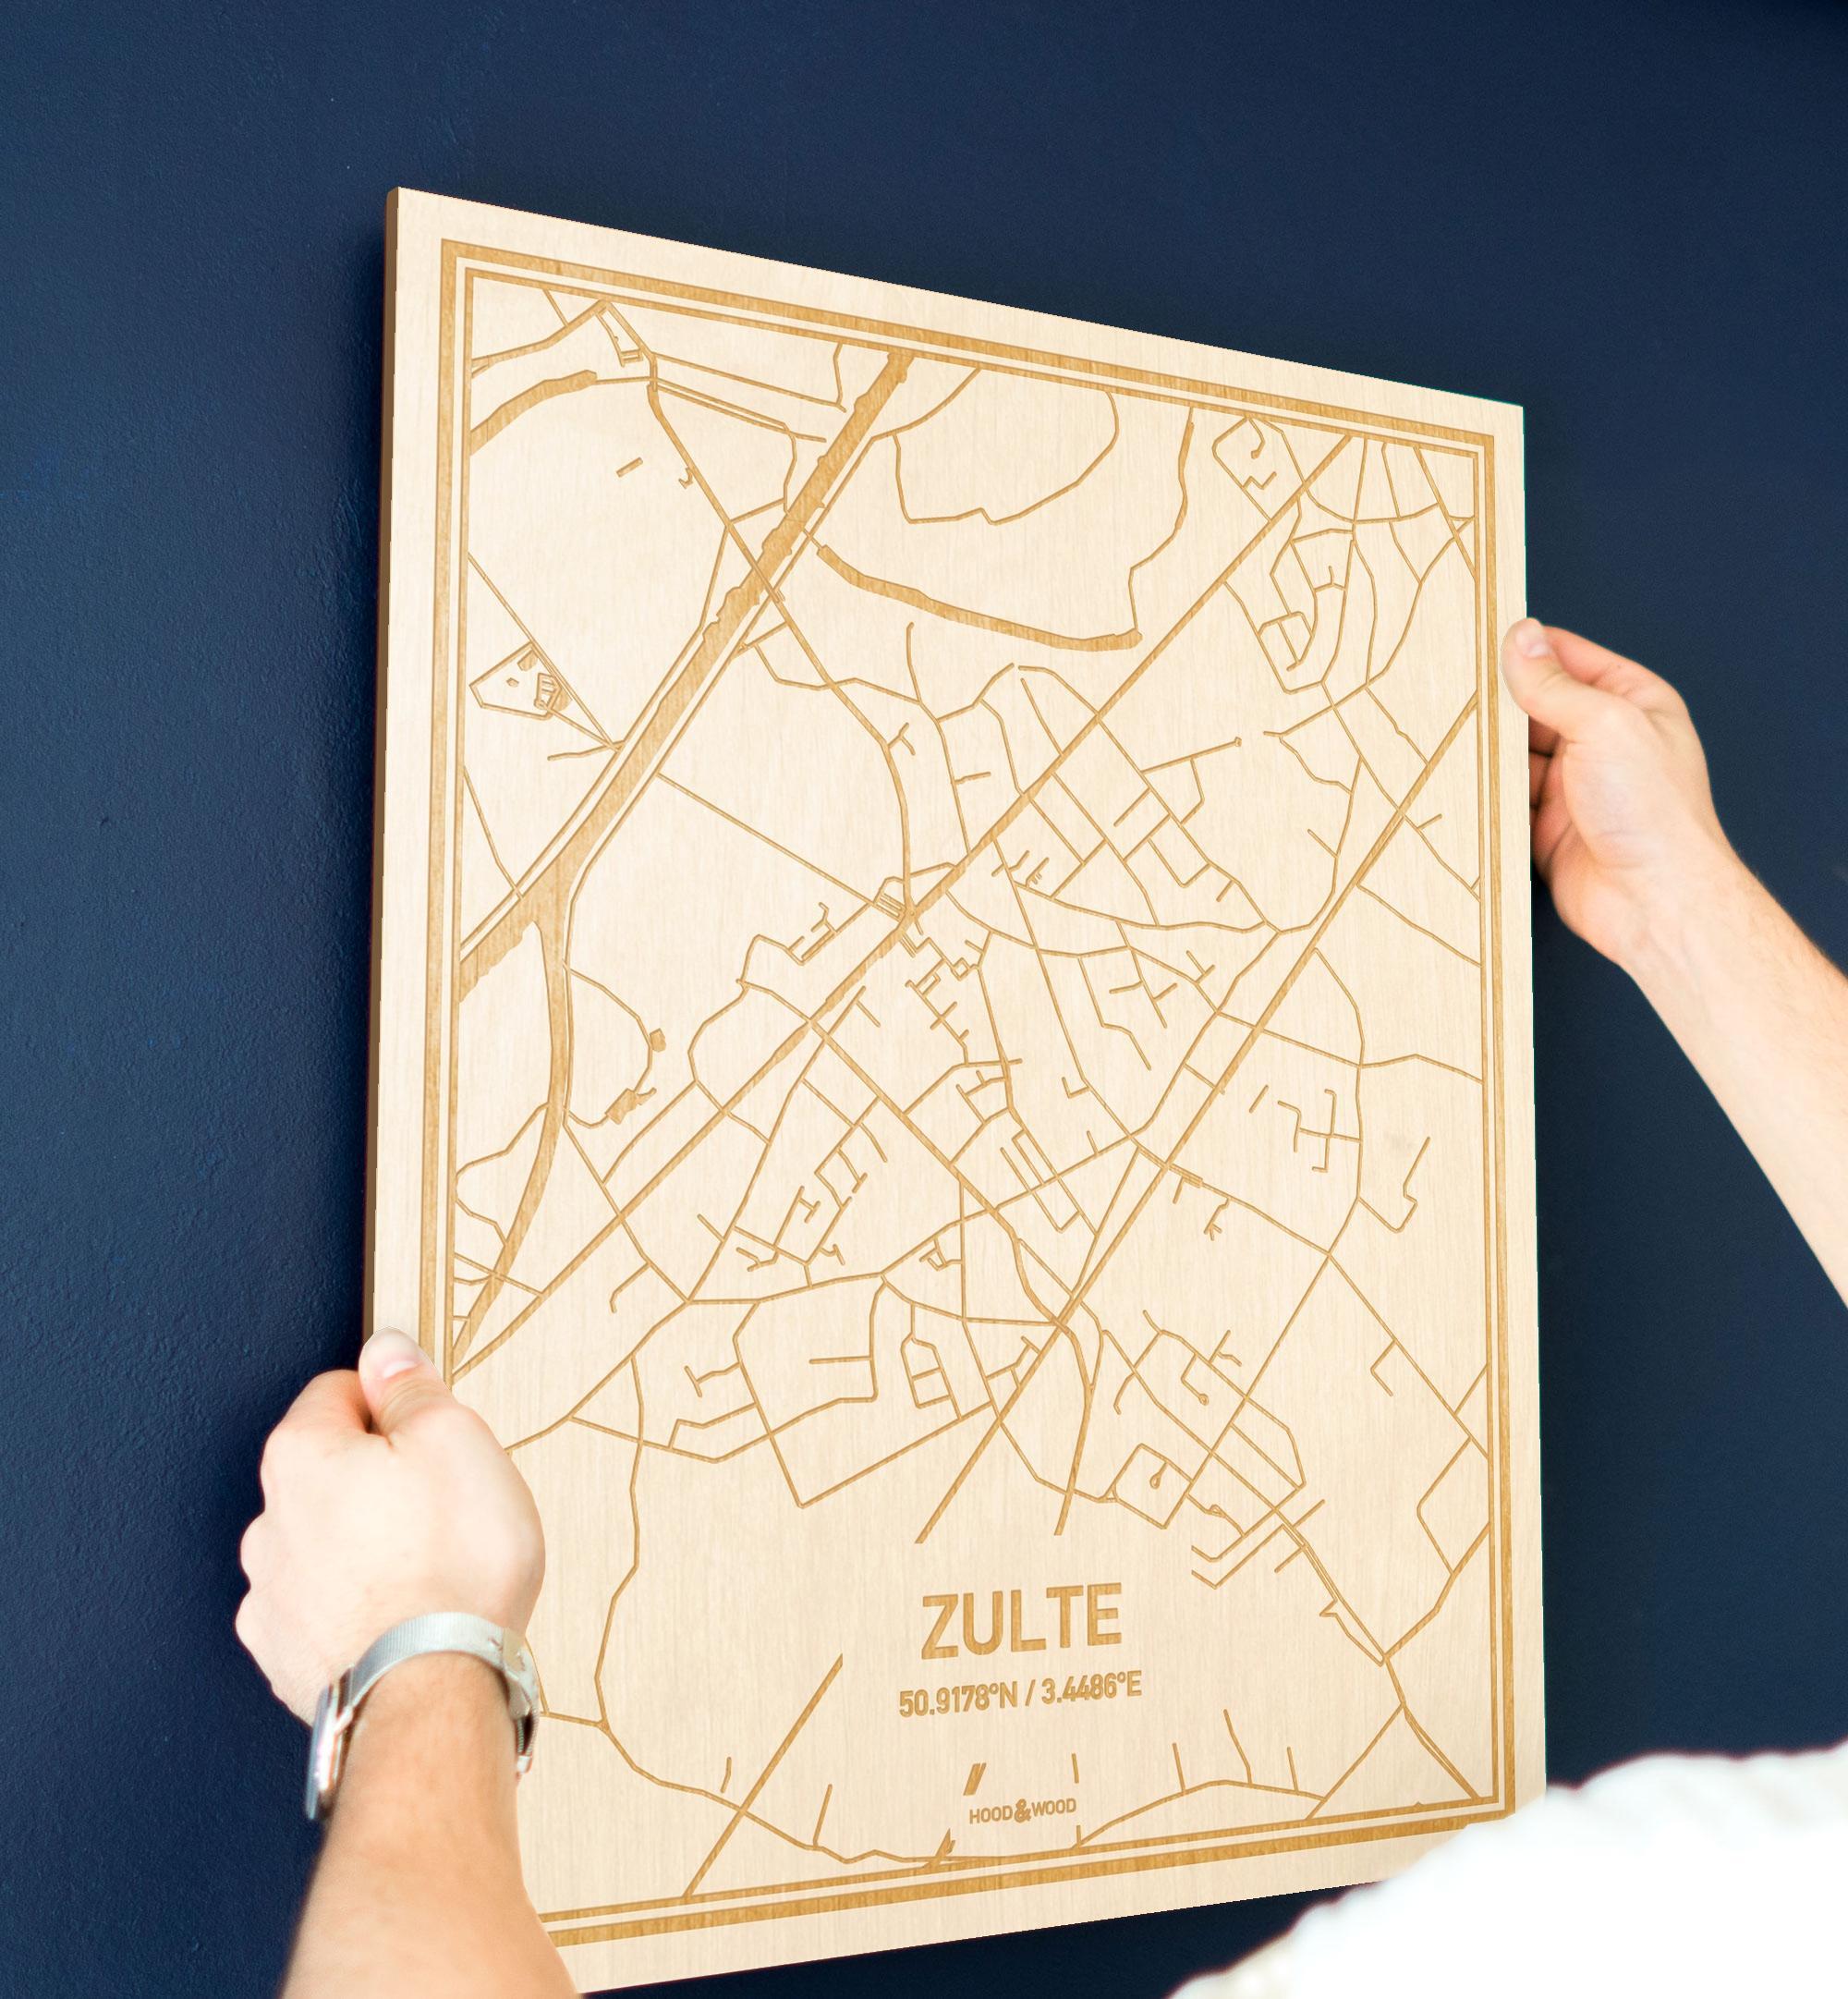 Een man hangt de houten plattegrond Zulte aan zijn blauwe muur ter decoratie. Je ziet alleen zijn handen de kaart van deze speciale in Oost-Vlaanderen  vasthouden.